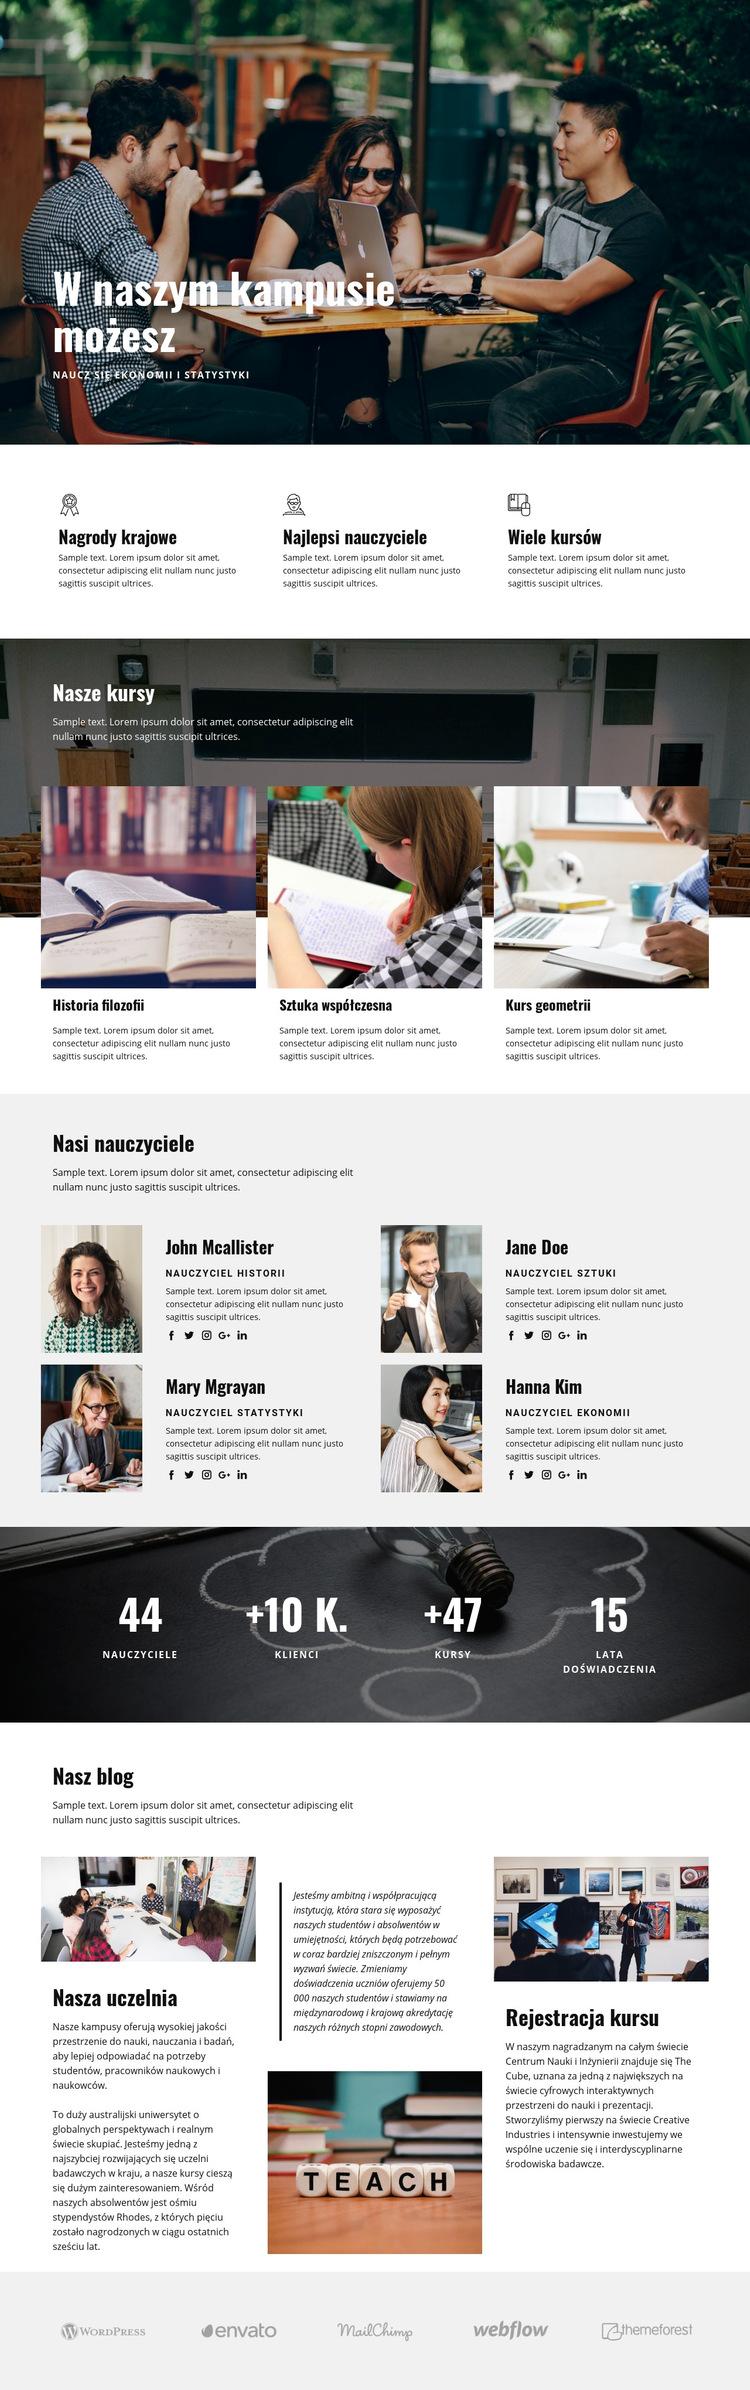 Edukacja w kampusie osobistym Szablon witryny sieci Web